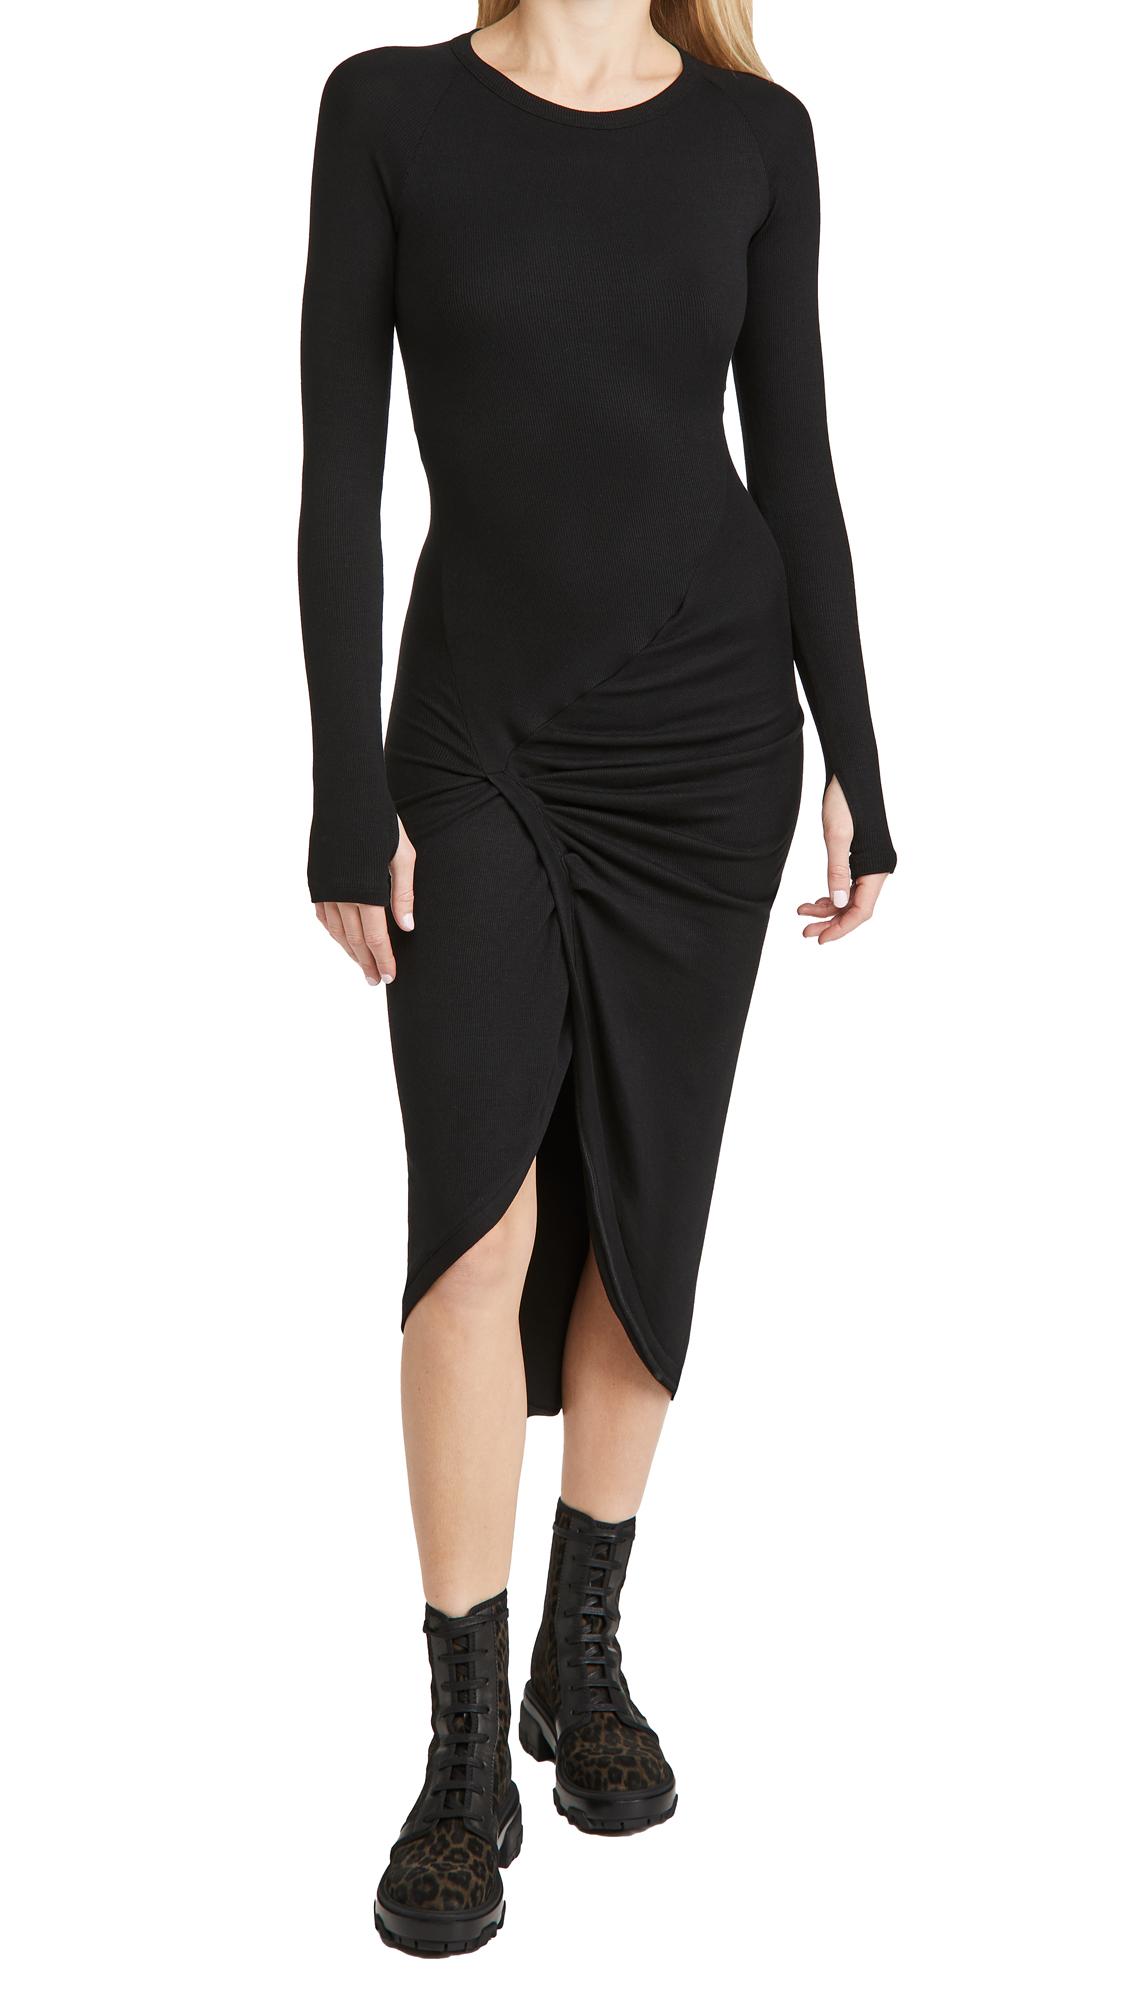 Alix Bristol Dress